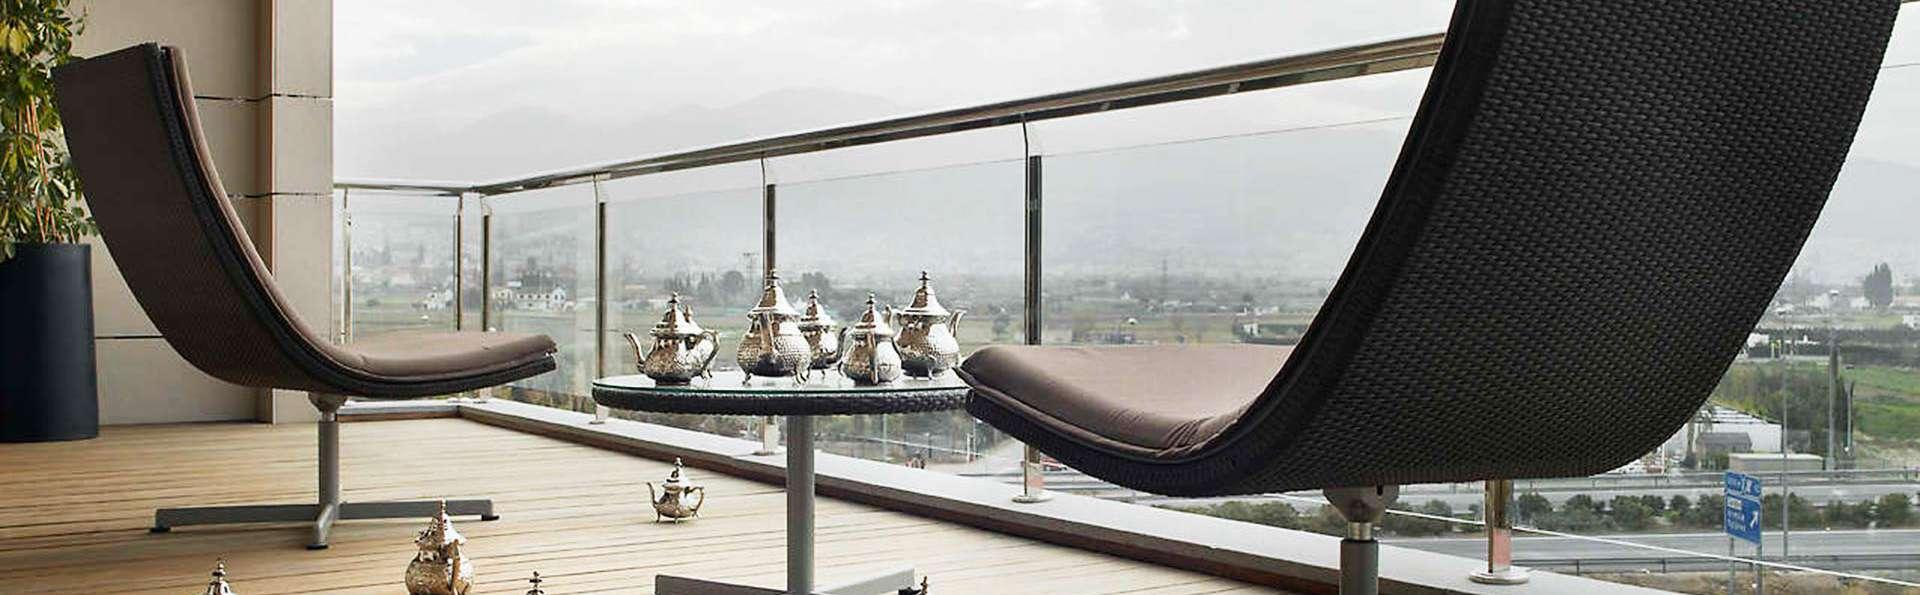 Mini-Vacaciones: Escápate a Granada en un hotel de diseño 4* (Desde 3 noches)